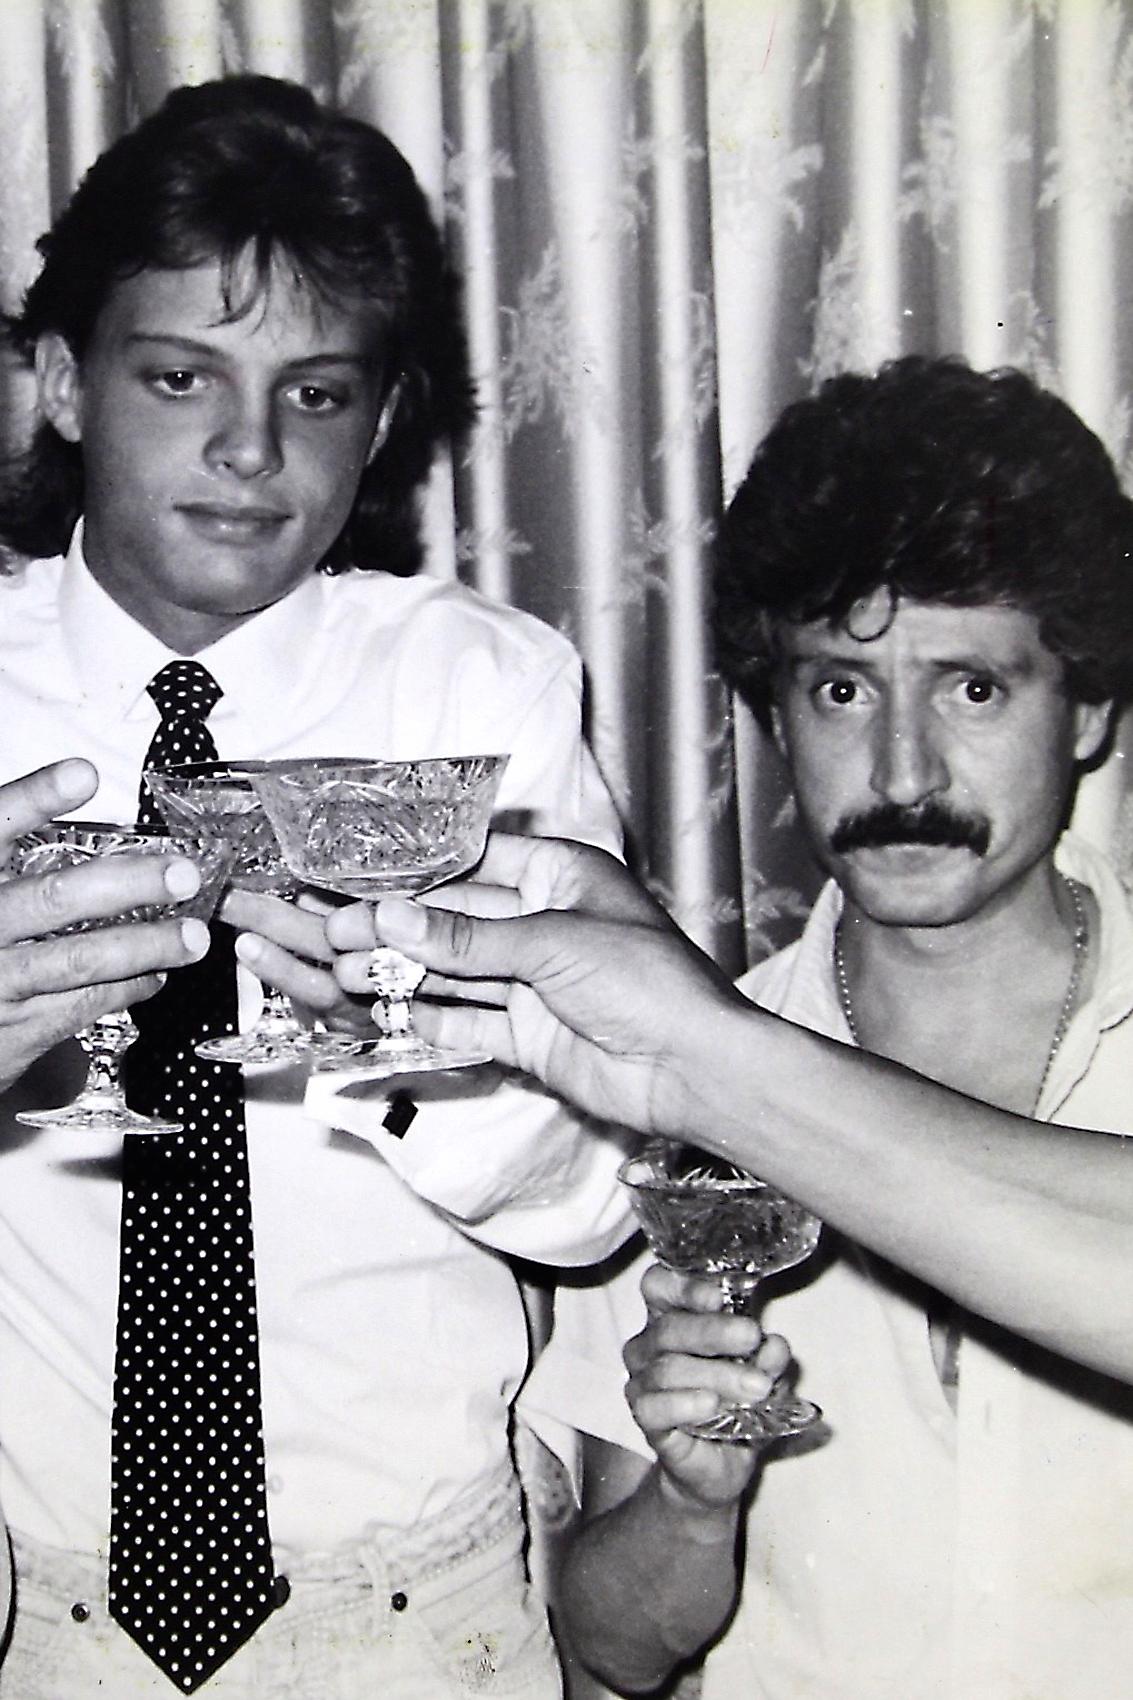 Luis Miguel en 1985 con su papá Luisito Rey.